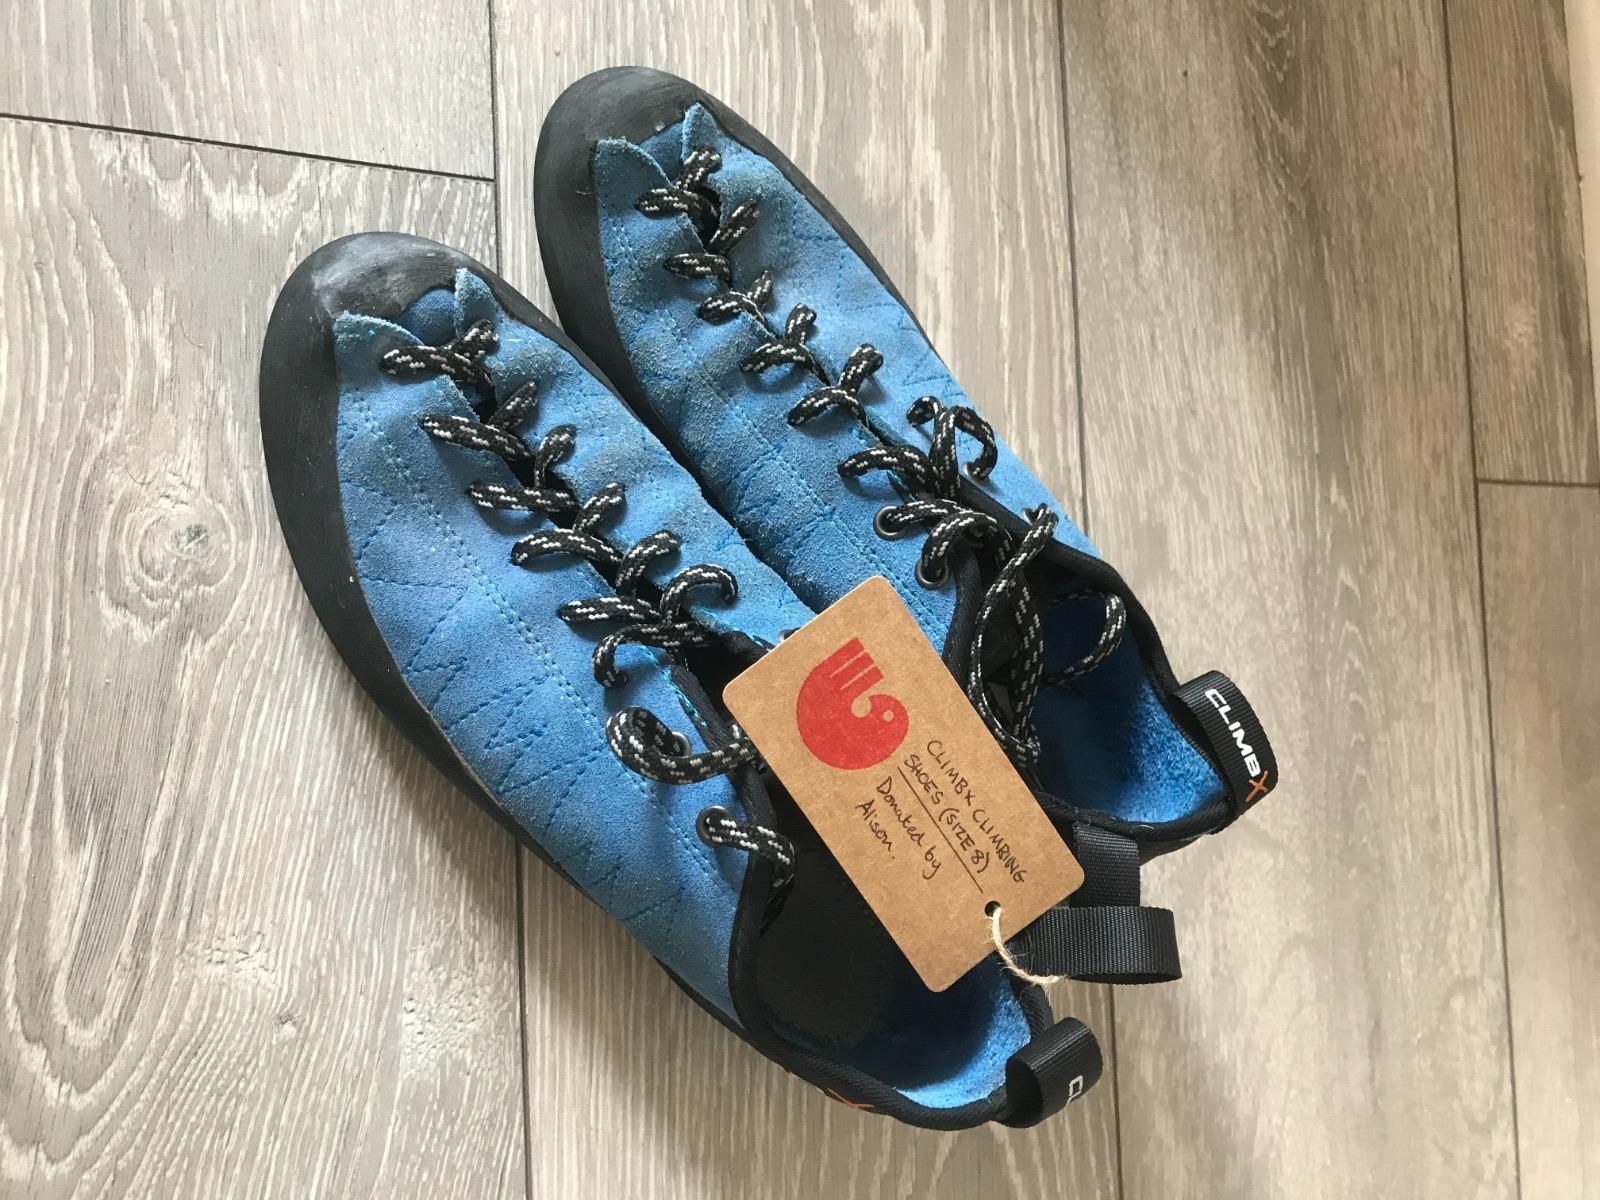 Climb X Climbing Shoe (size 8)